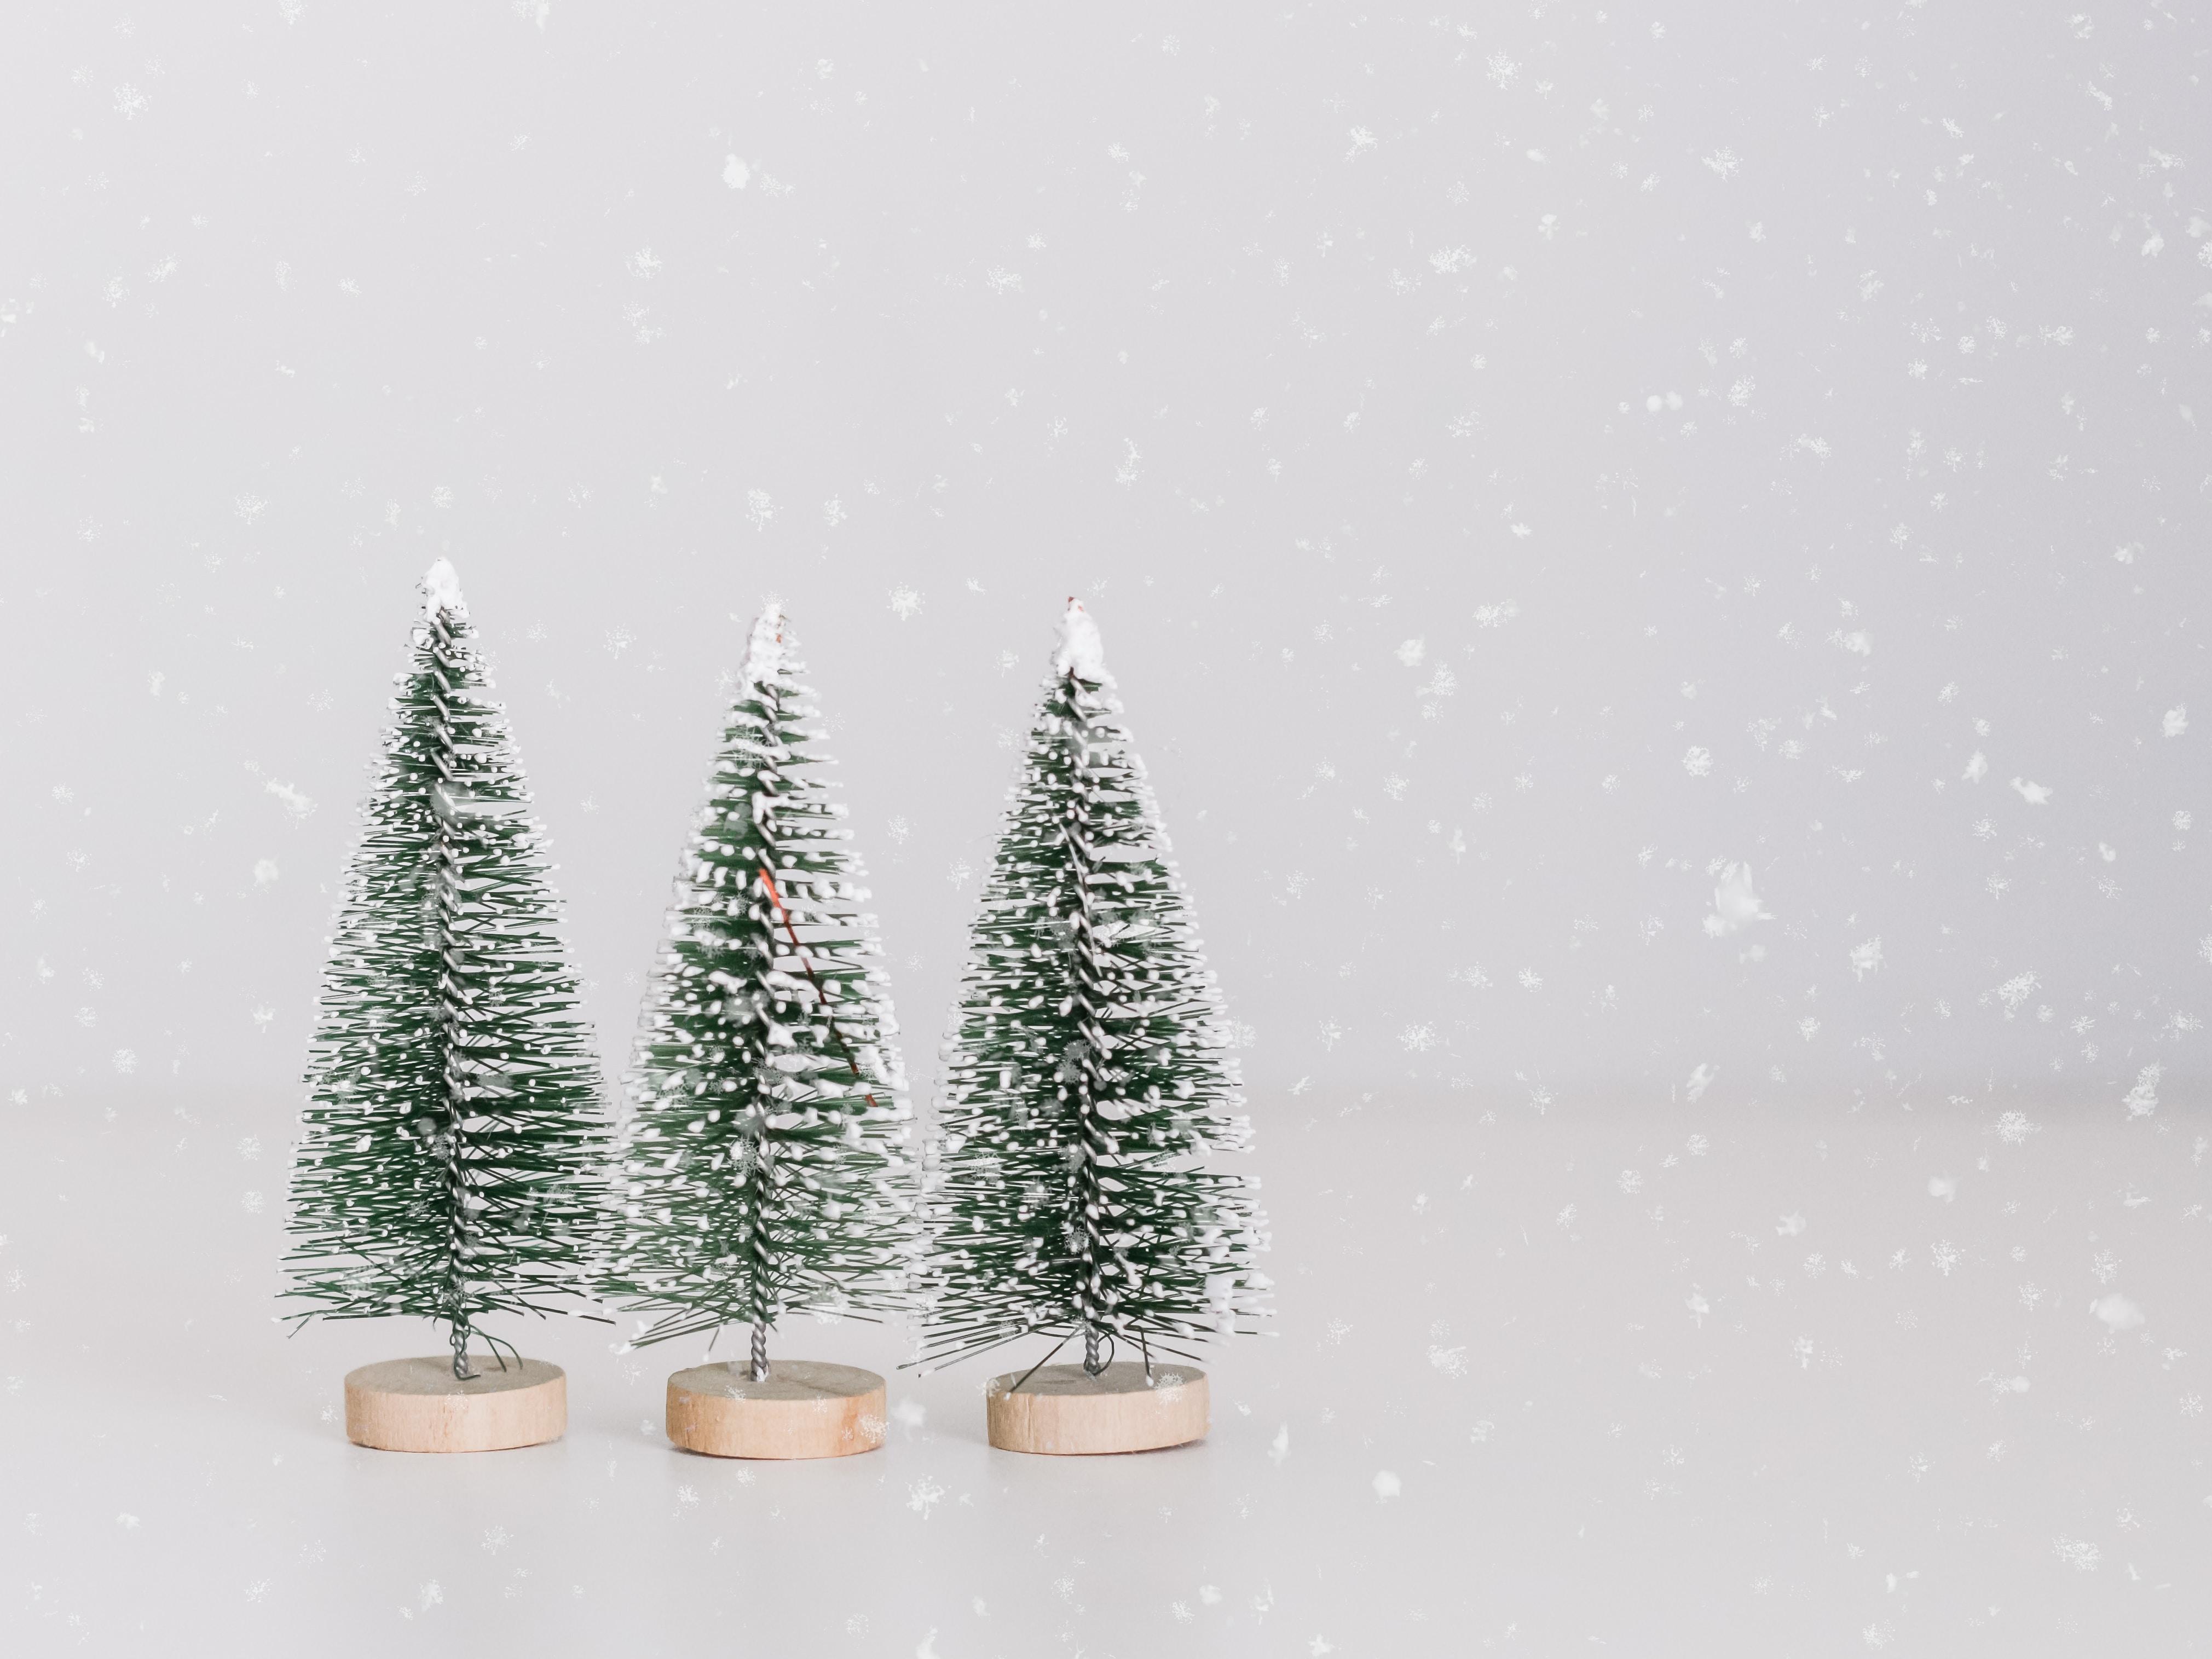 Idees cadeaux noel design - Comprex & Armony Cuisine - La Garenne-Colombes